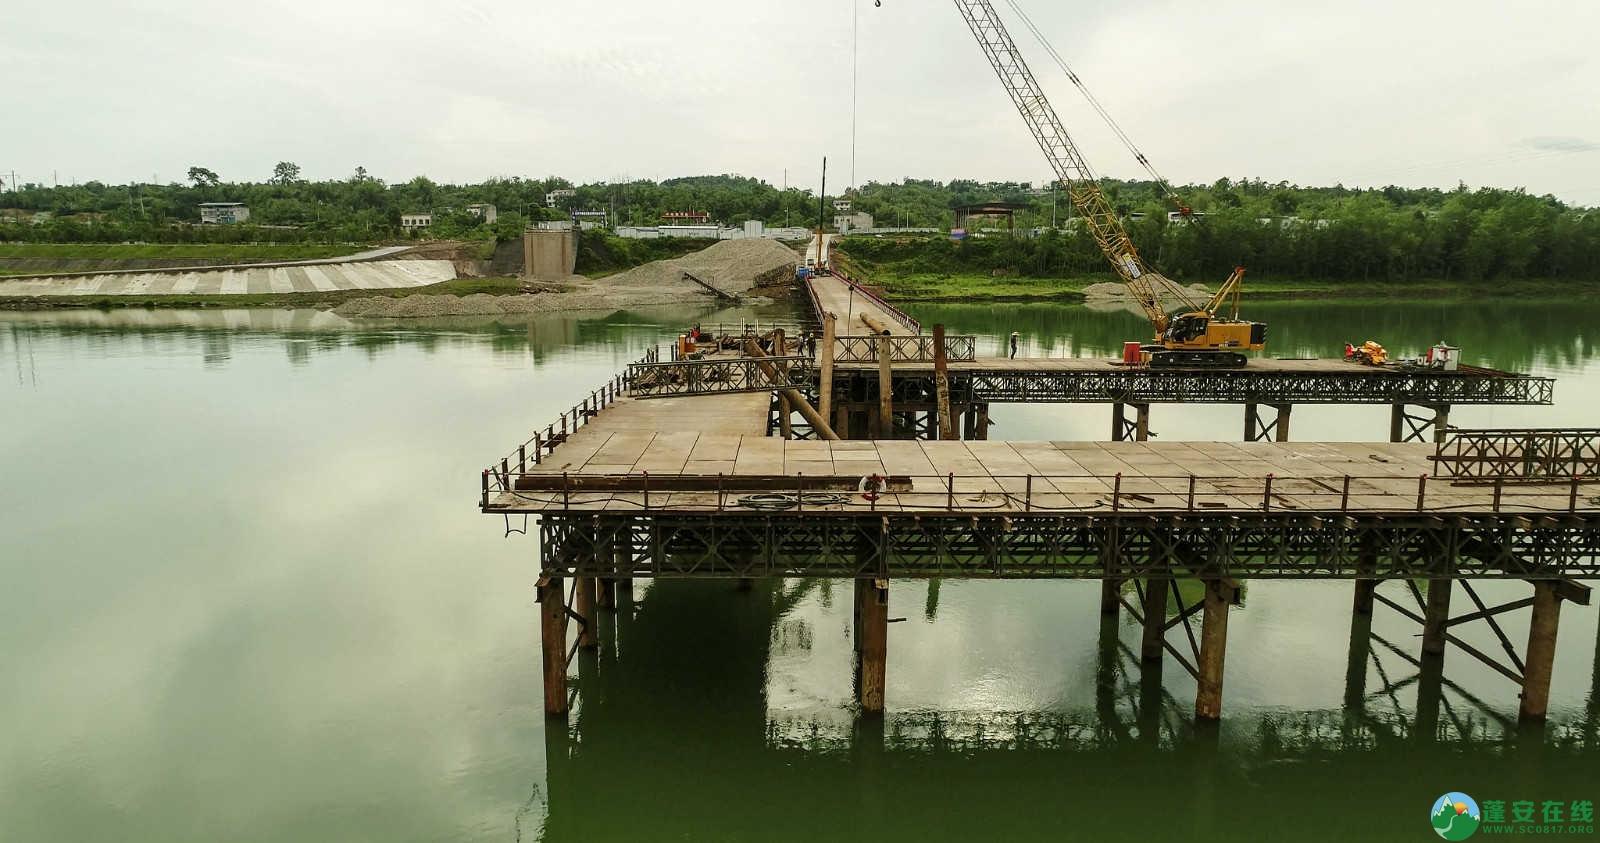 蓬安嘉陵江一桥修建进(2019年5月11日) - 第6张  | 蓬安在线